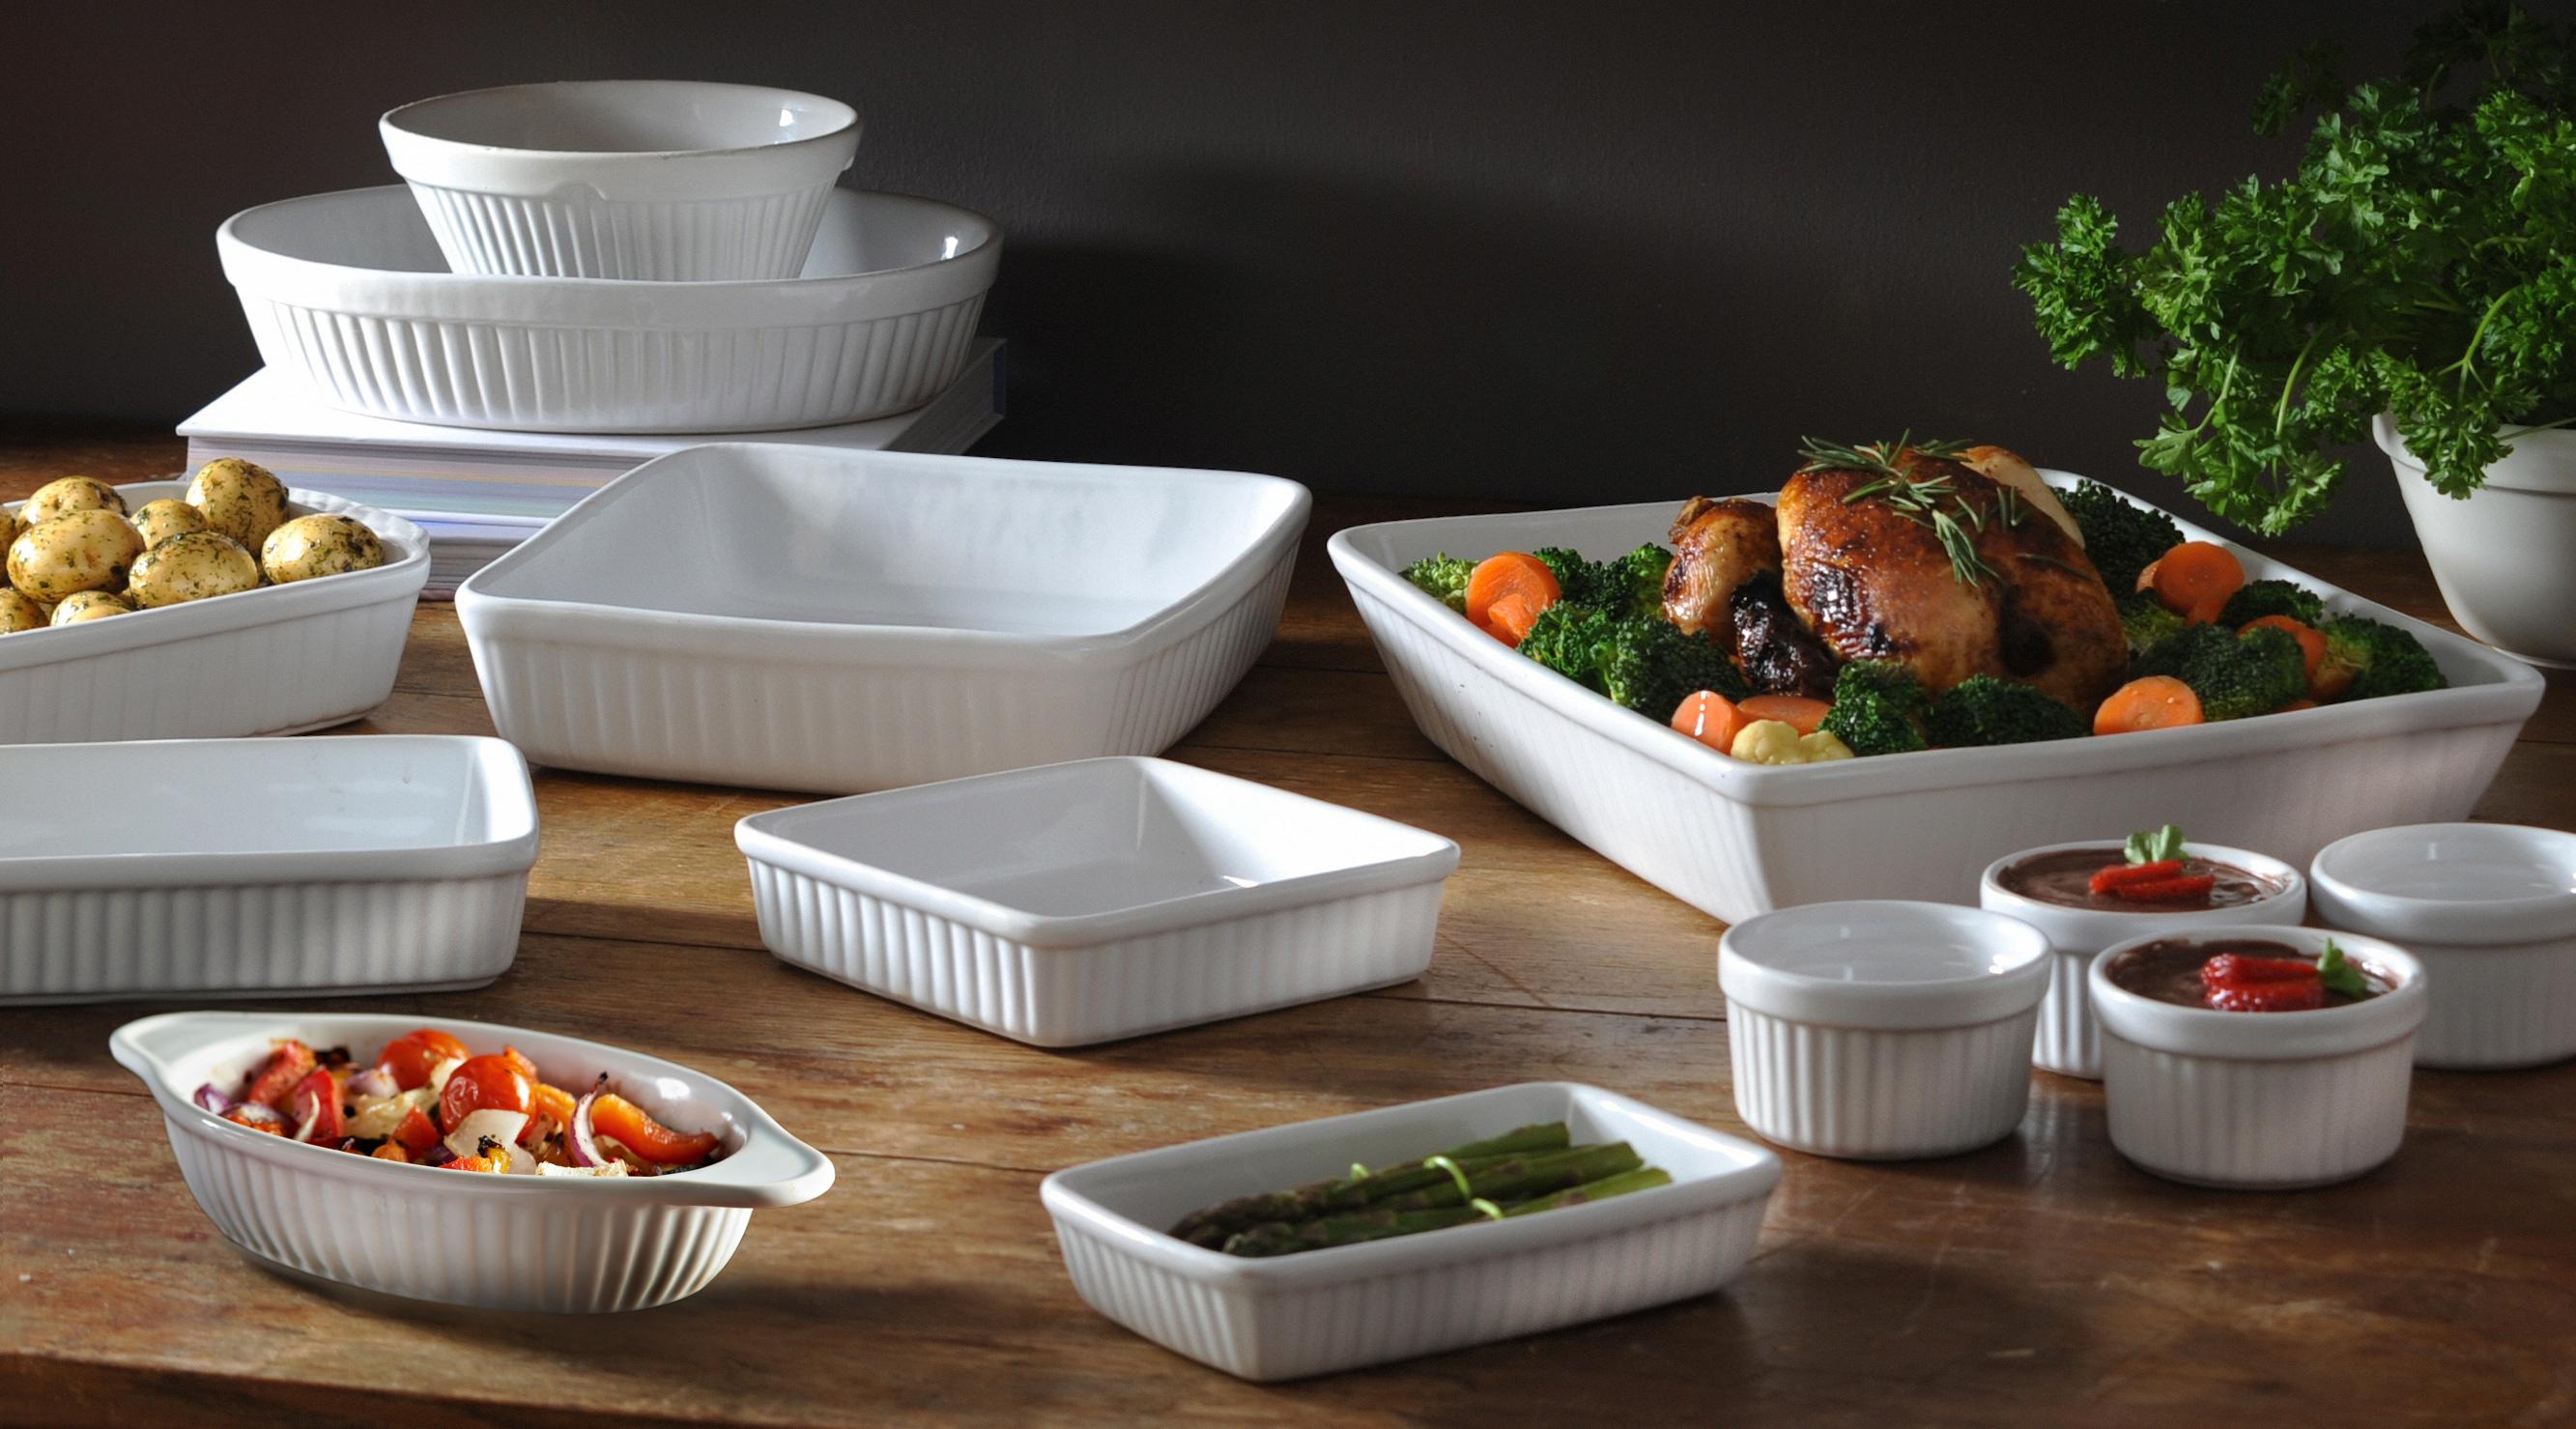 Для английского бренда Mason Cash создавать кухонную утварь уже стало историей